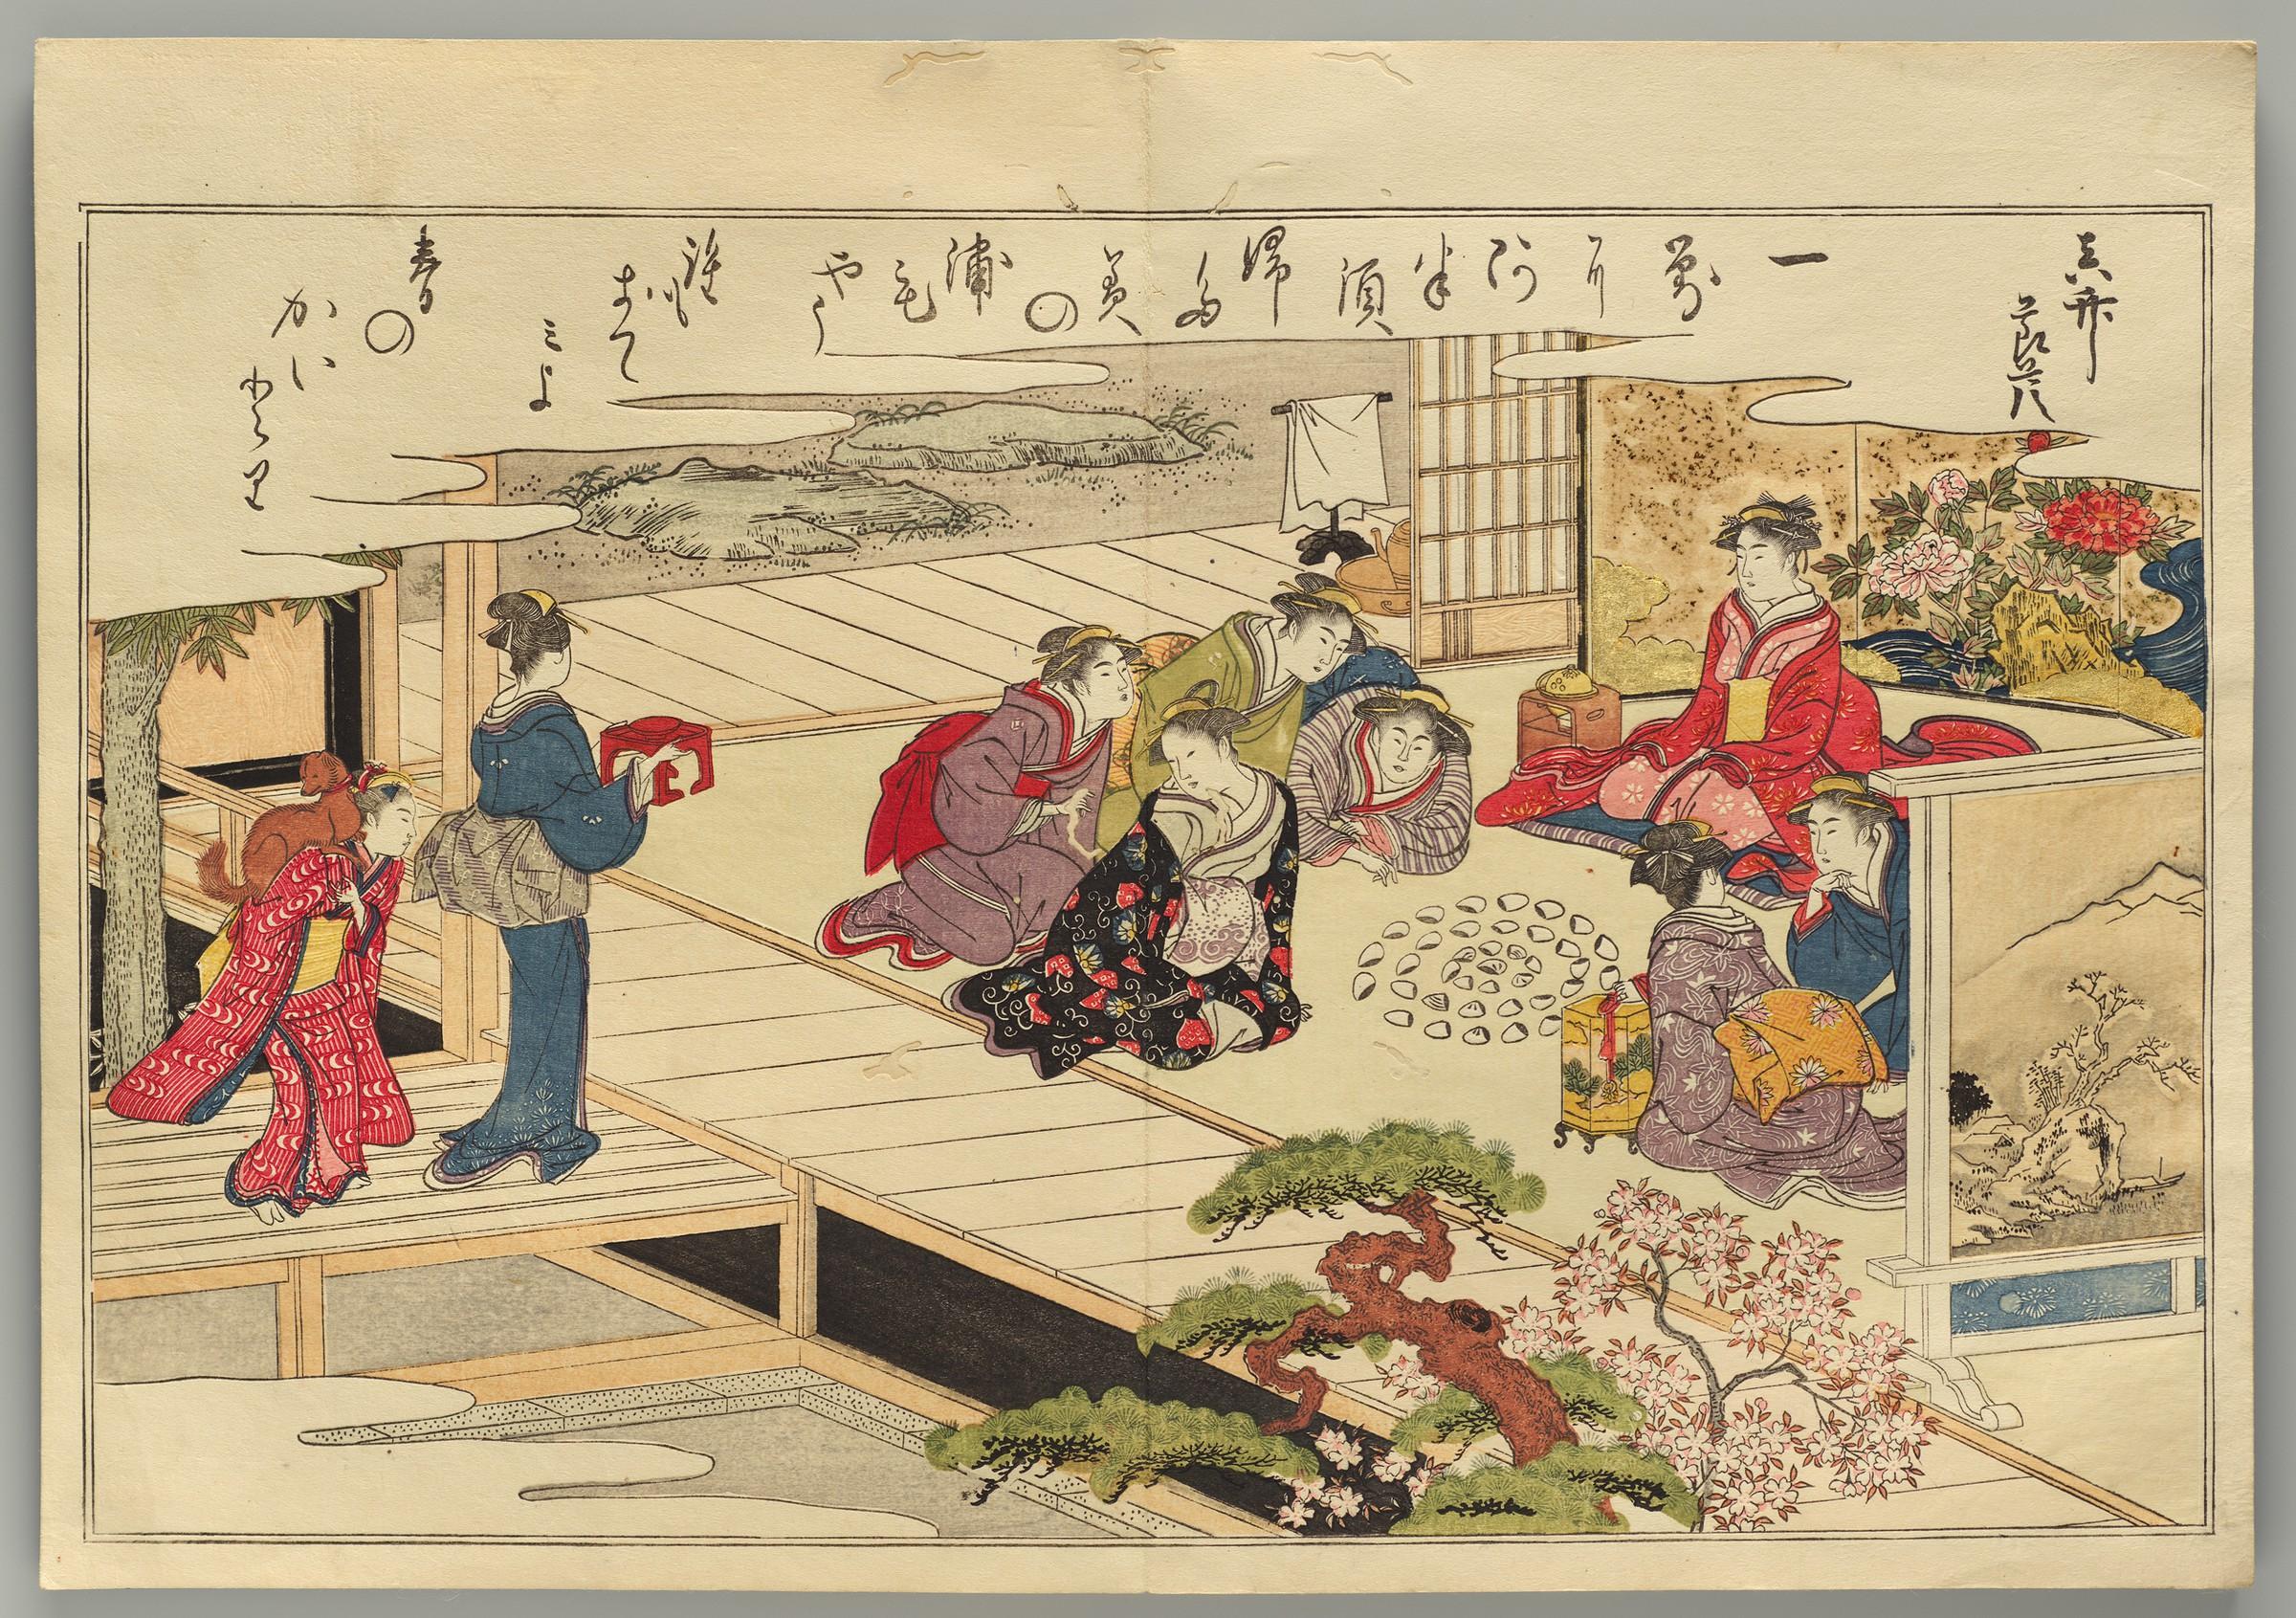 Page from the woodblock-printed book by Kitagawa Utamaro depicting individuals looking at seashells.